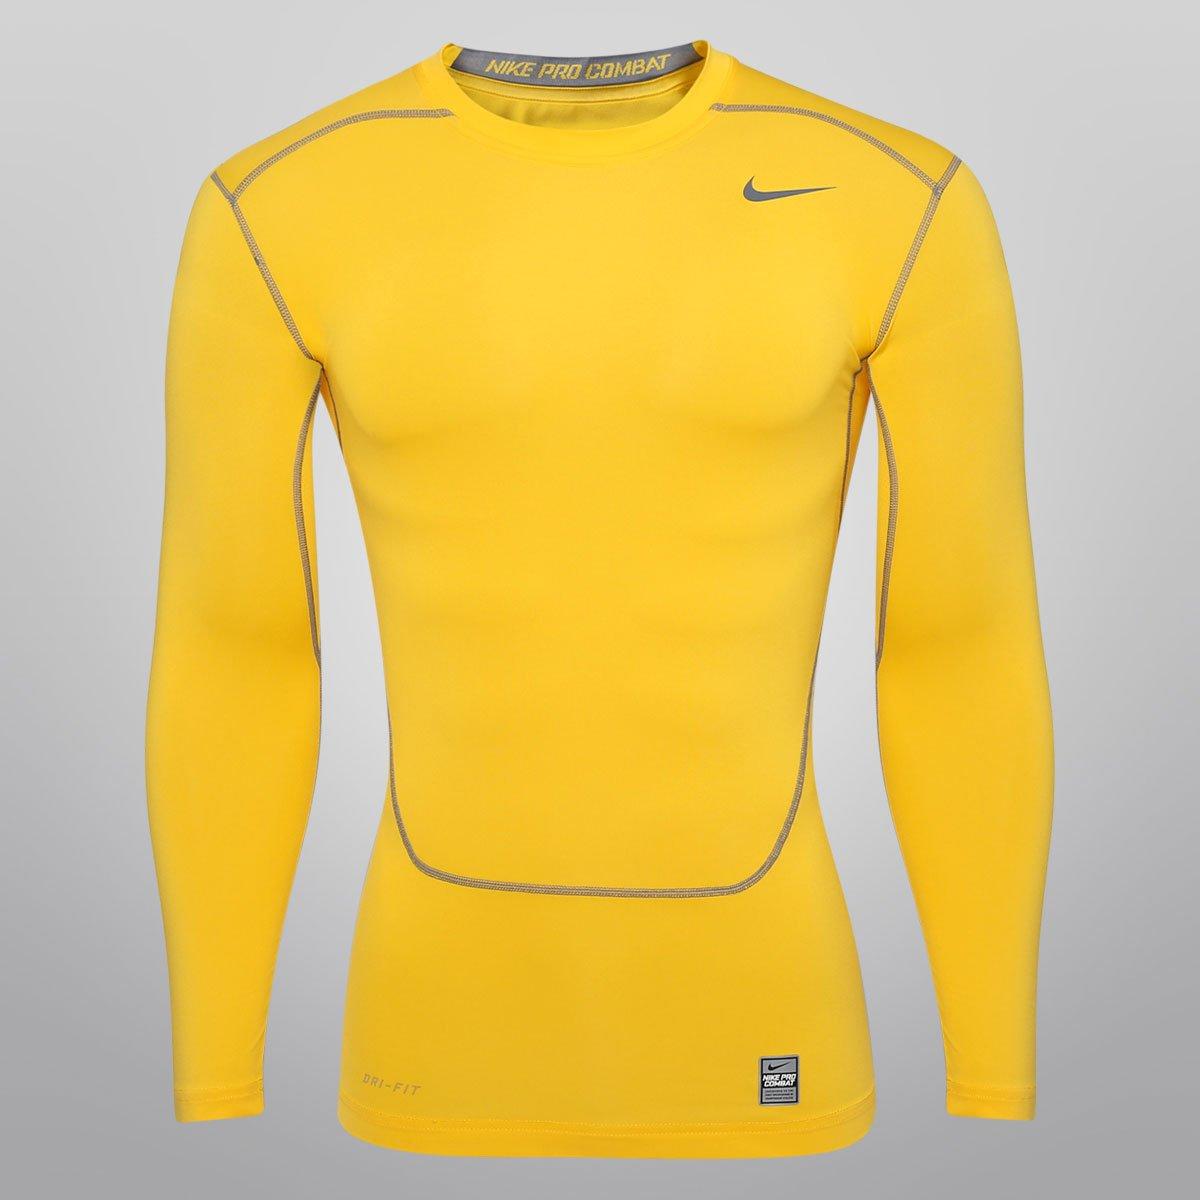 0f69302088 Camisa de Compressão Nike Core M L - Compre Agora